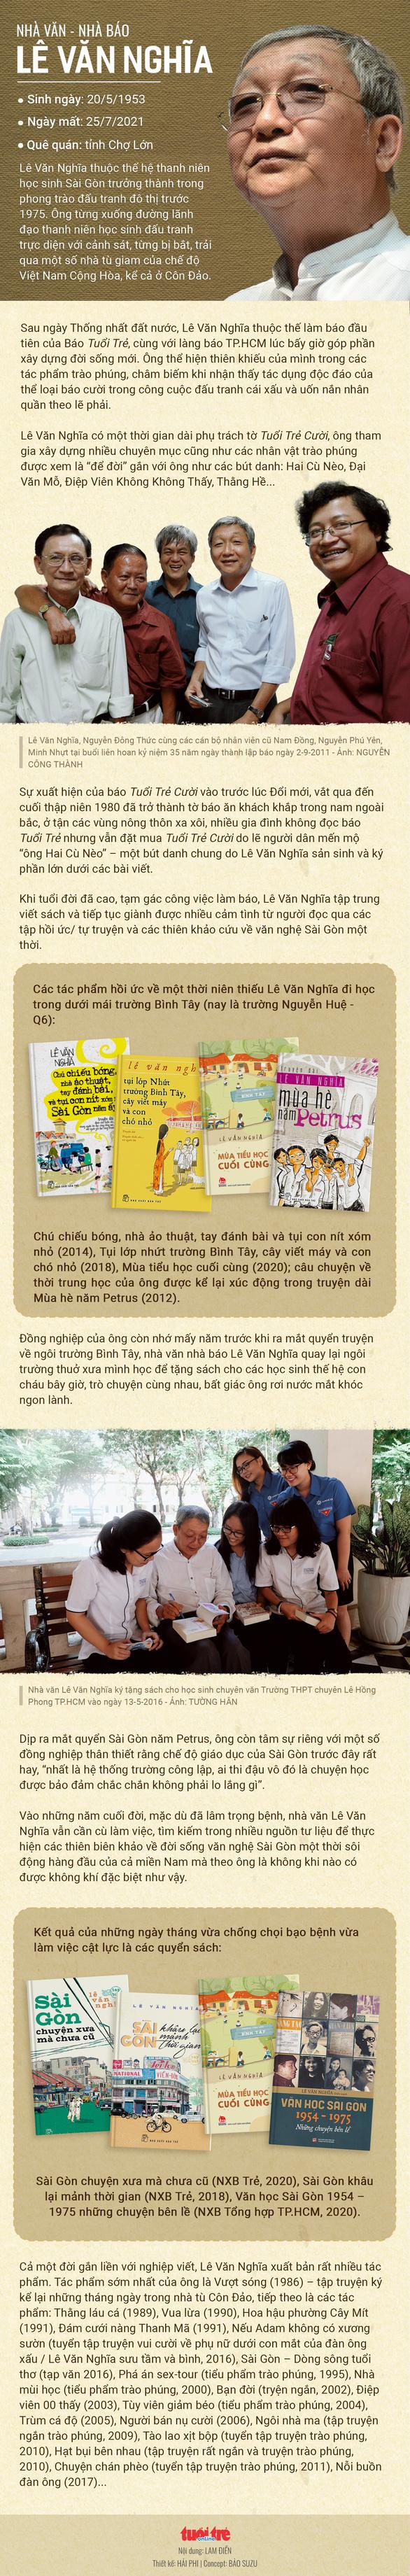 Những kỷ niệm khó quên với nhà báo, nhà văn Lê Văn Nghĩa - Ảnh 2.